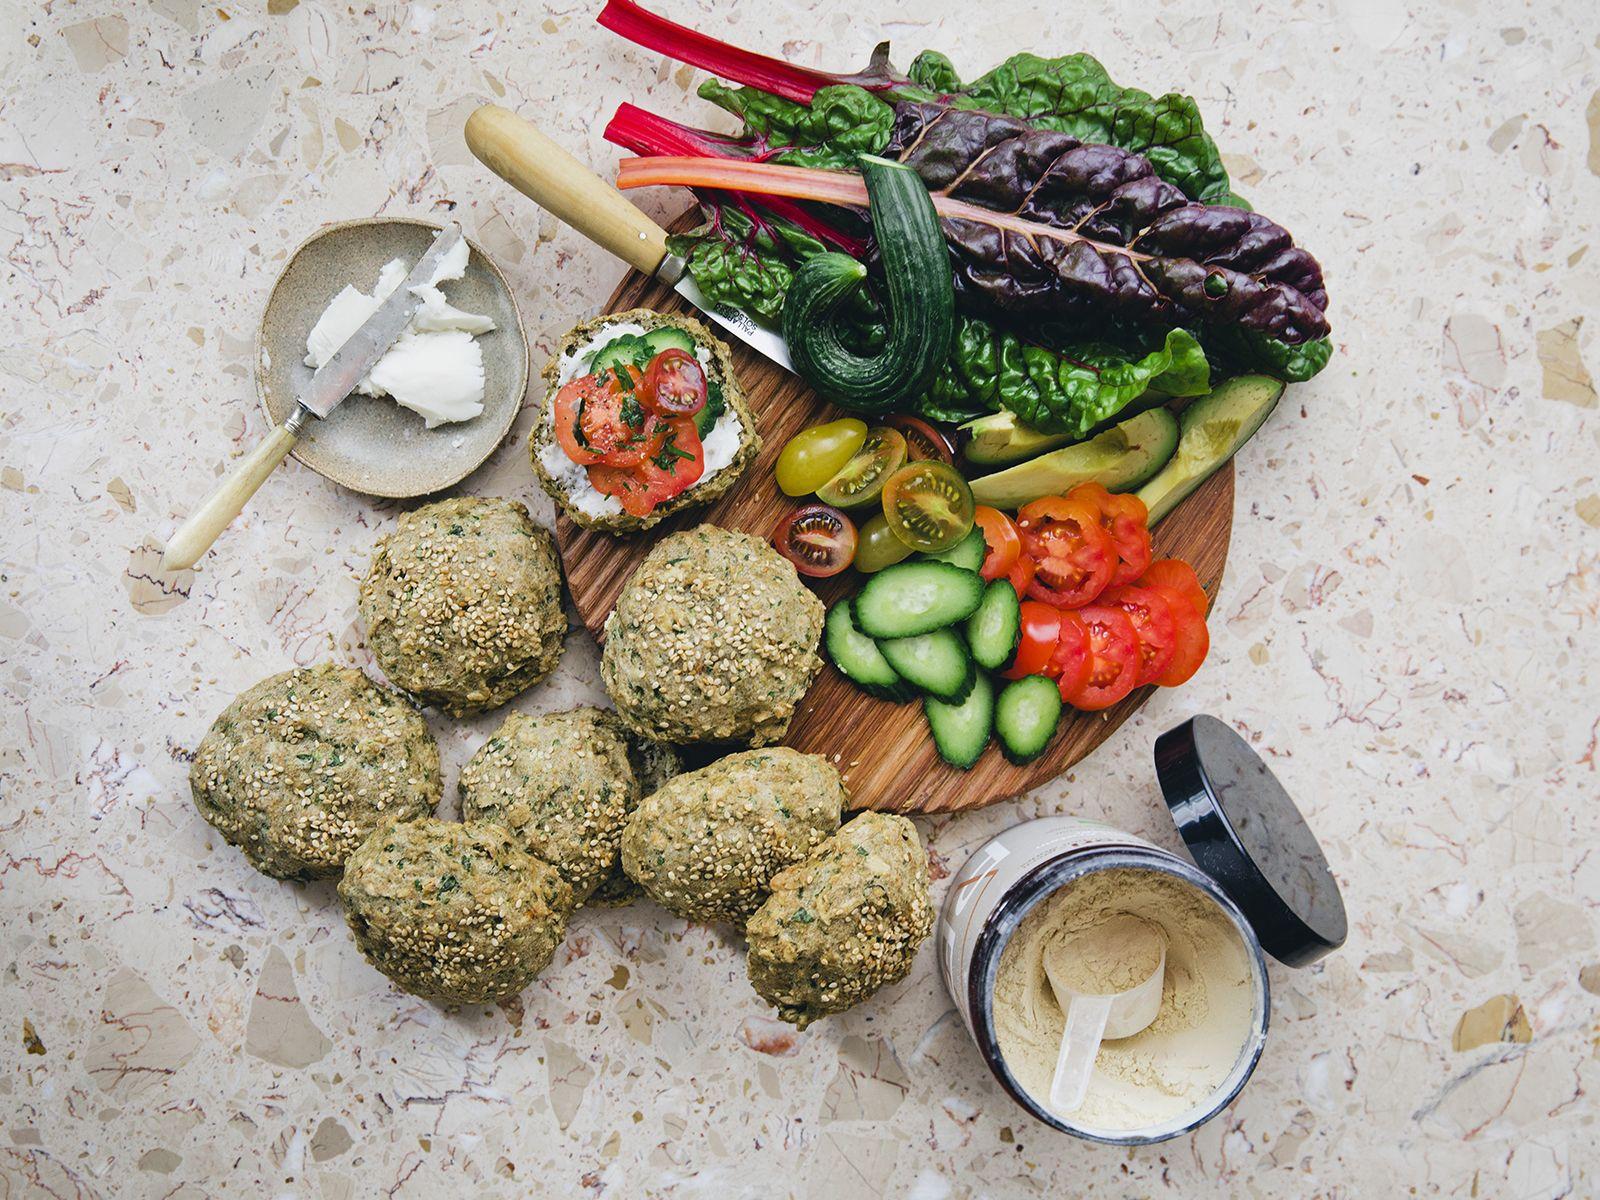 Proteín sa skladá výučne z hrachového proteínu a je ideálnou ingredienciou na varenie